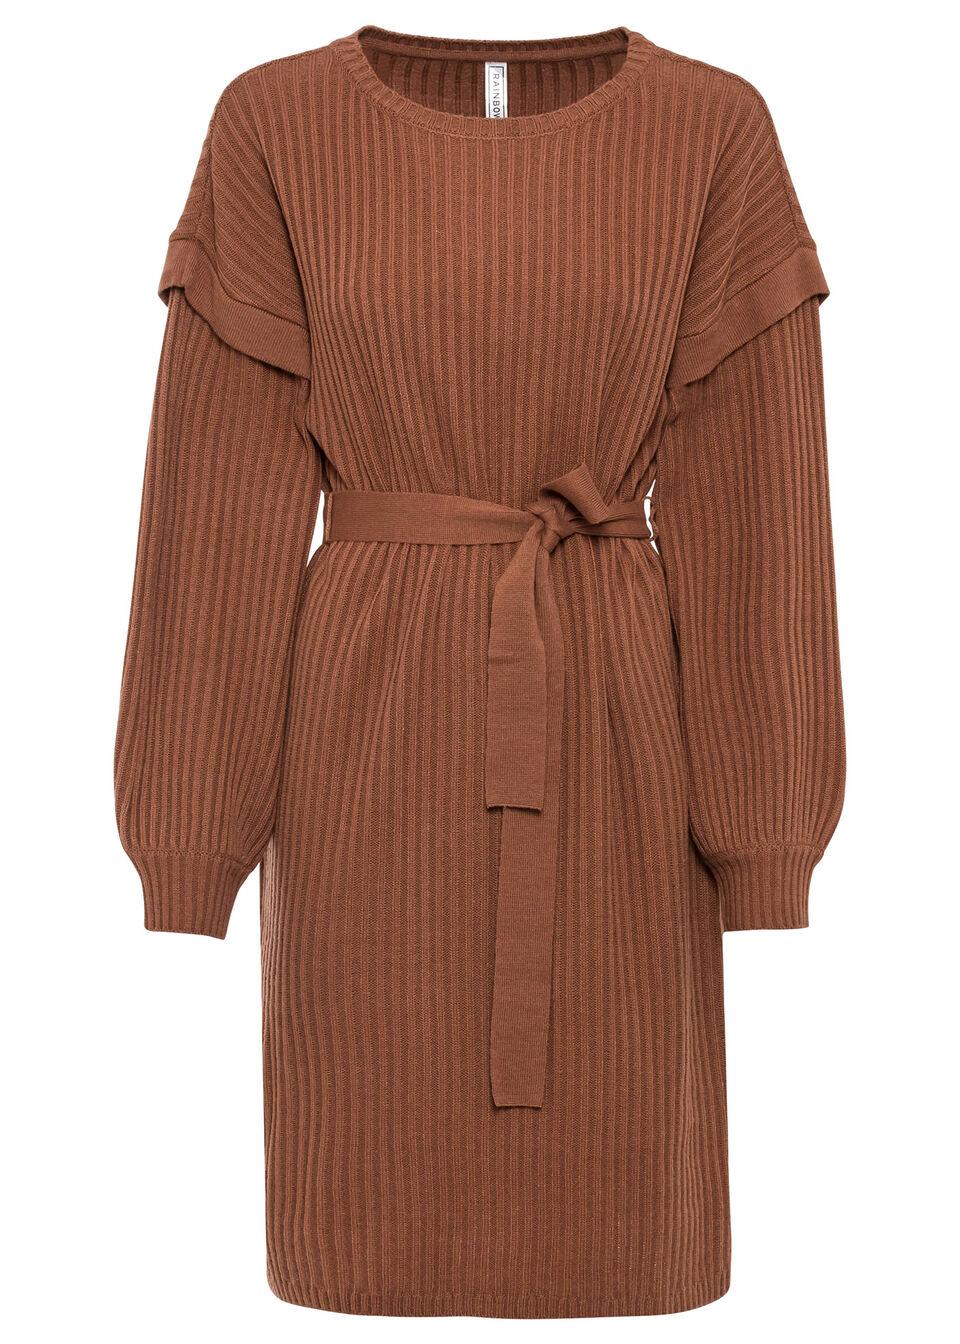 Sukienka dzianinowa z wiązanym paskiem bonprix kasztanowy brązowy